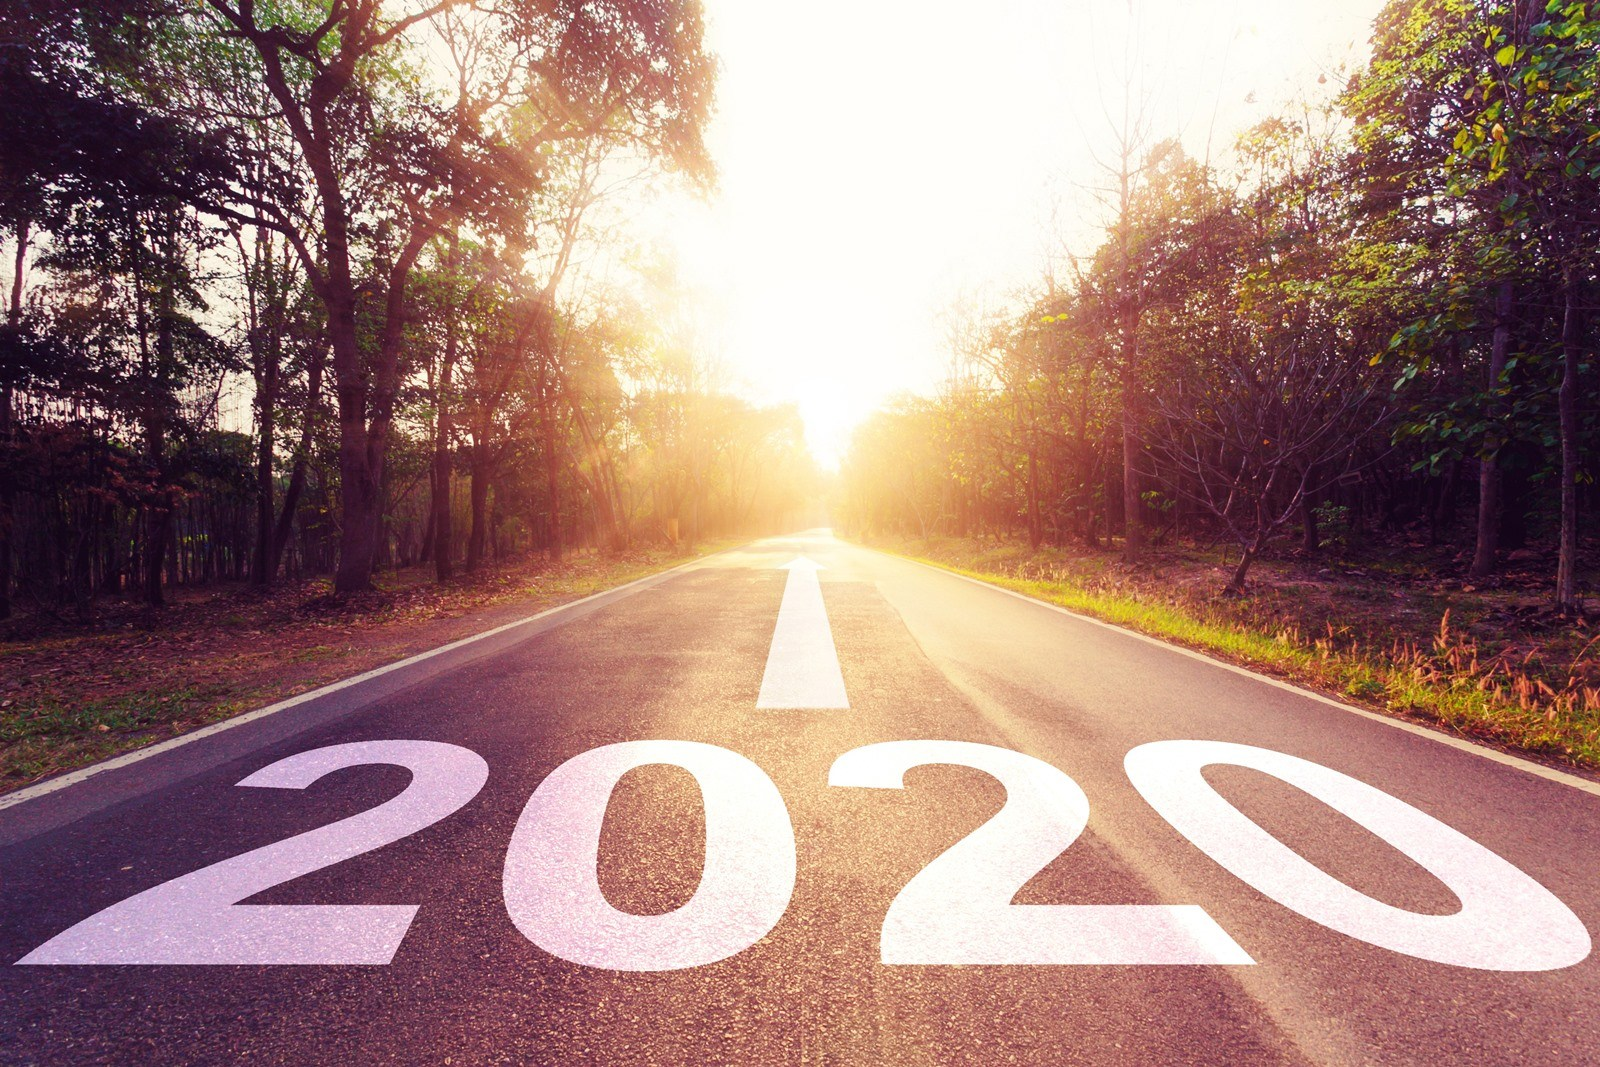 Legnépszerűbb írásaink 2020 ban